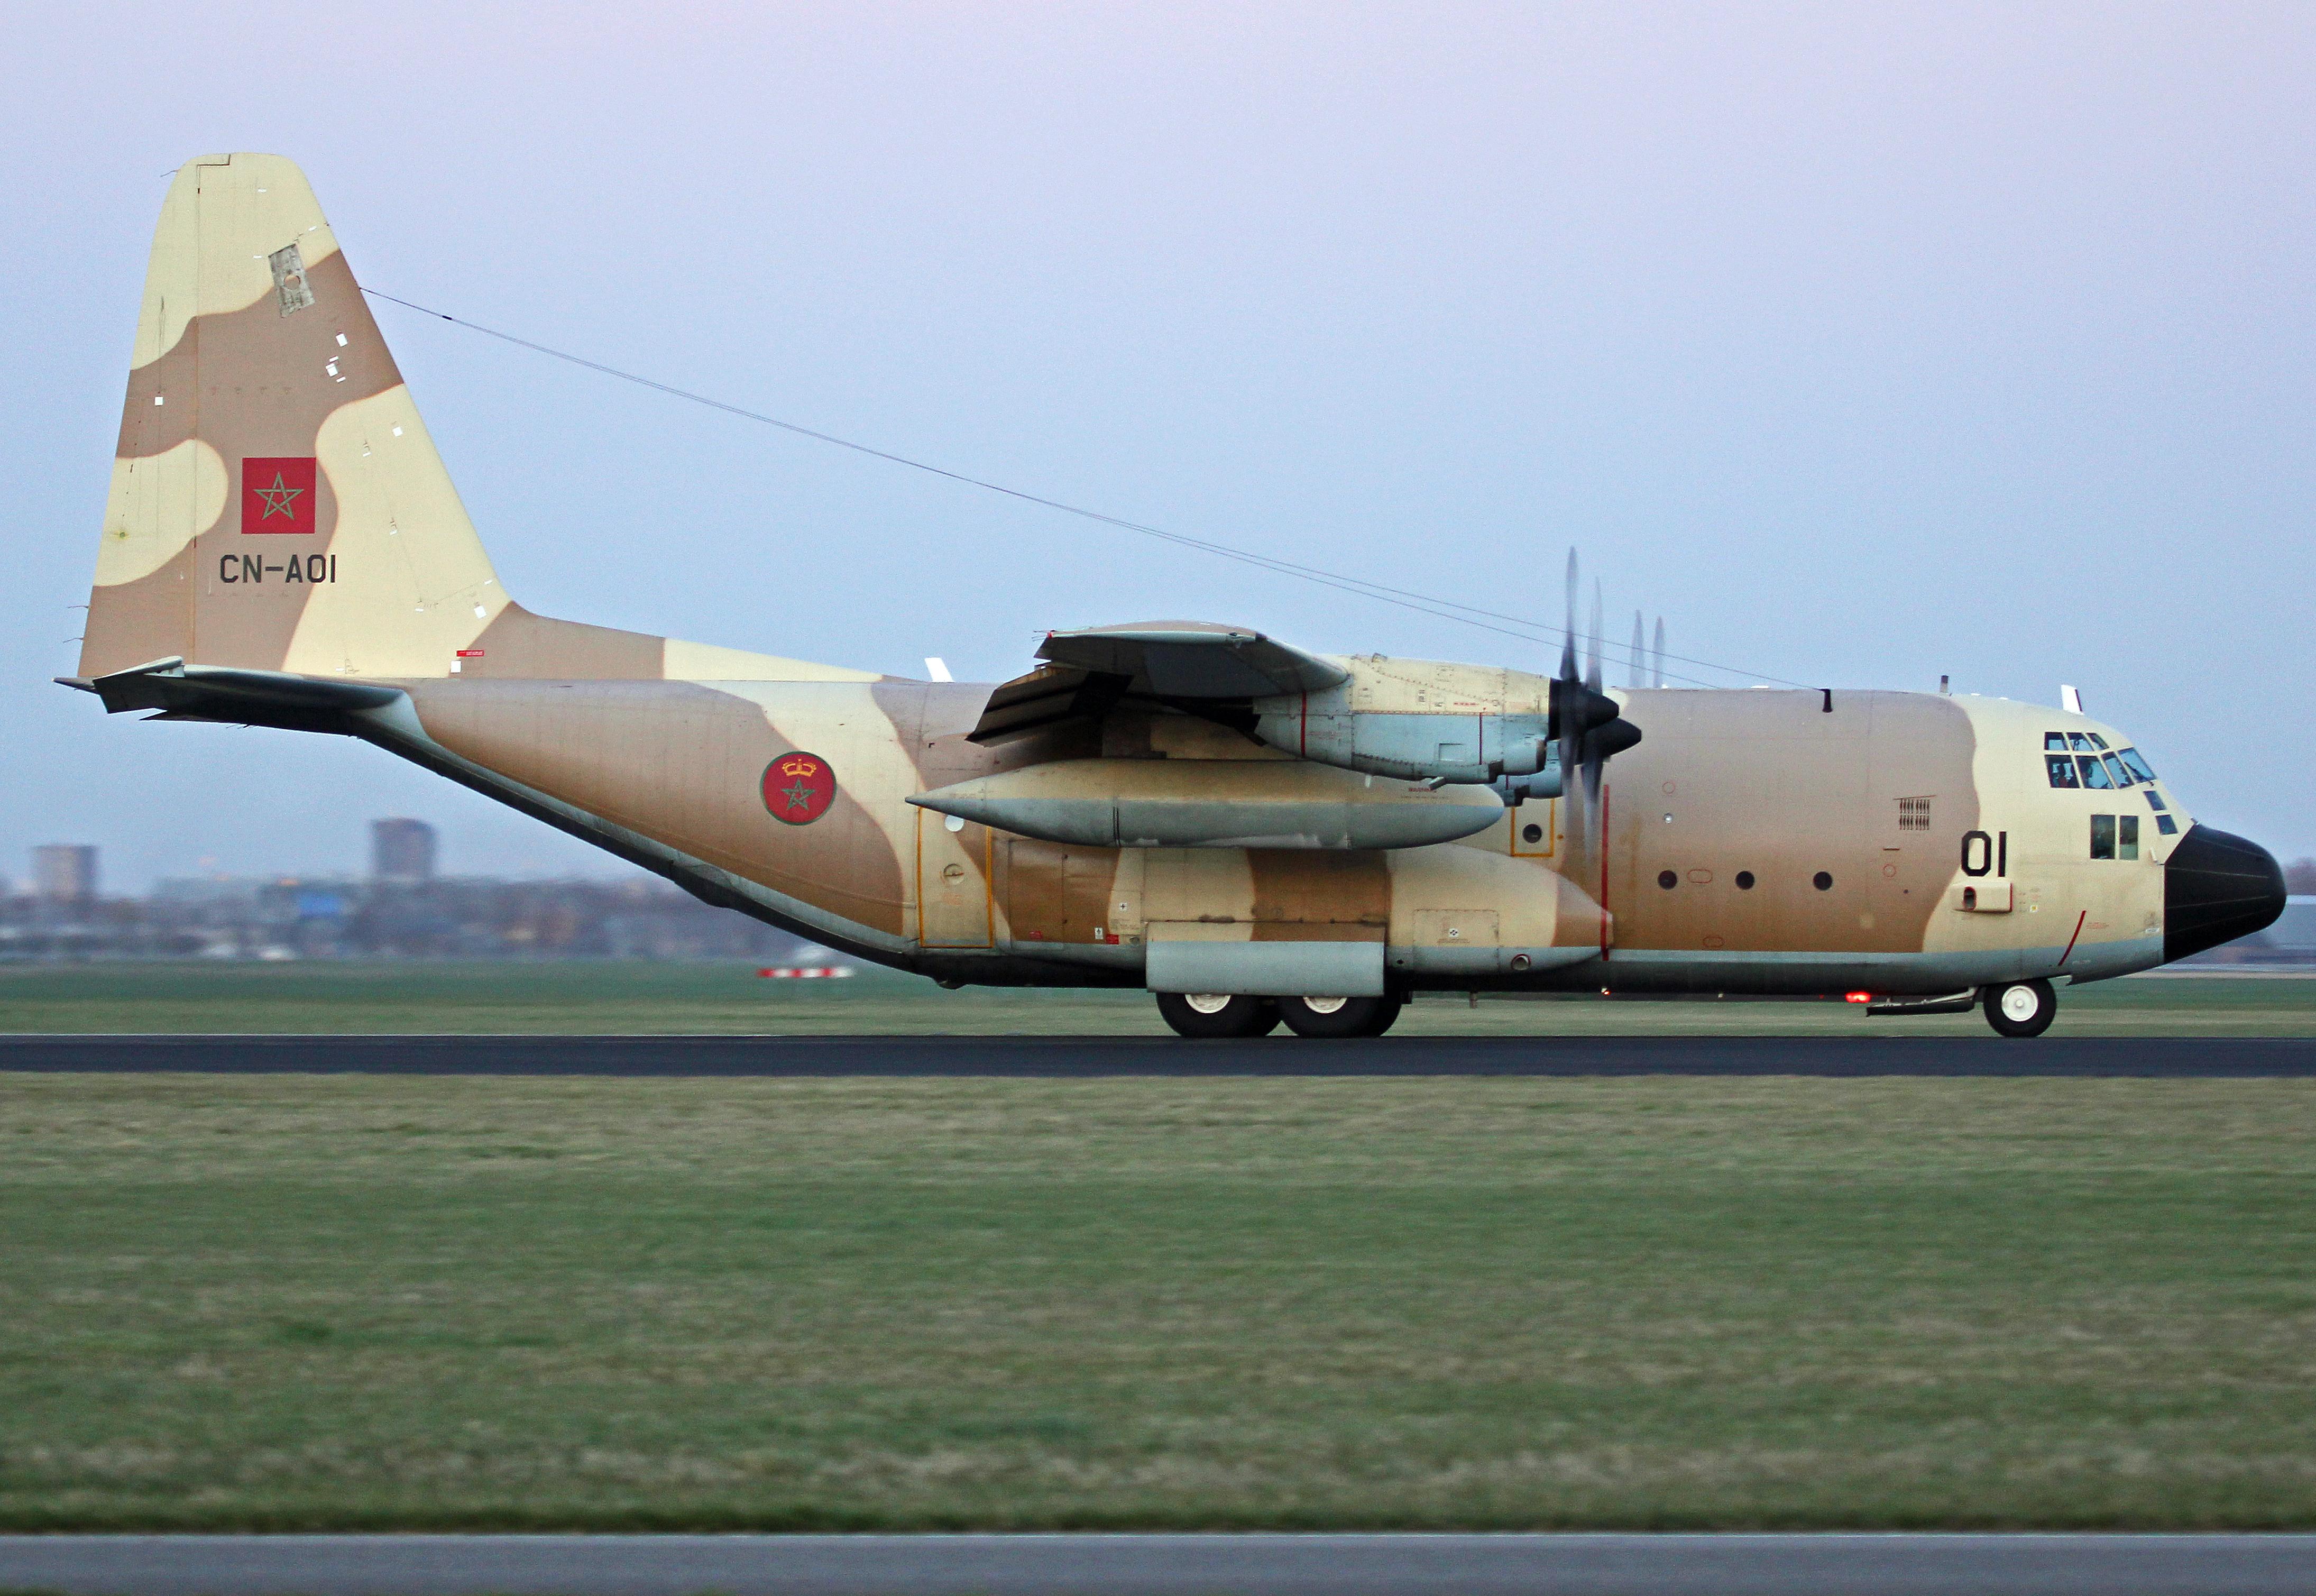 FRA: Photos d'avions de transport - Page 27 26100299615_3607e16db1_o